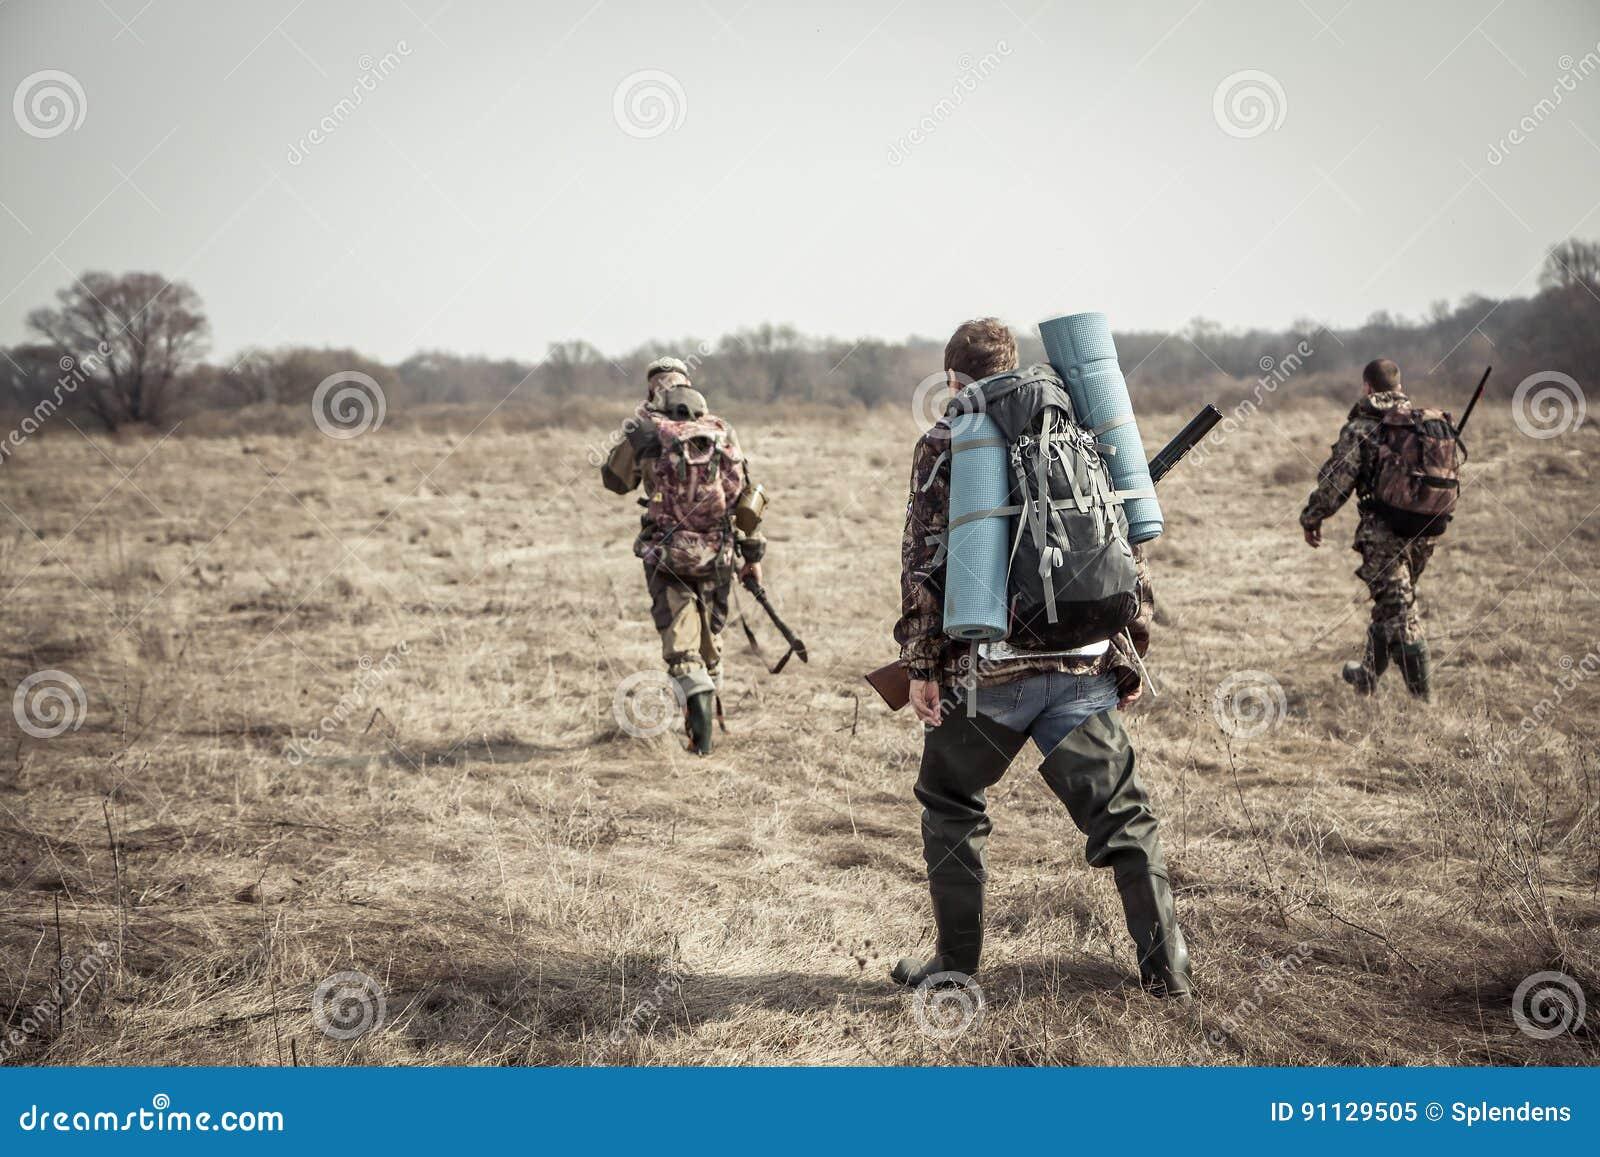 Scena di caccia con il gruppo di cacciatori con gli zainhi e le munizioni di caccia che passano attraverso il campo rurale durant